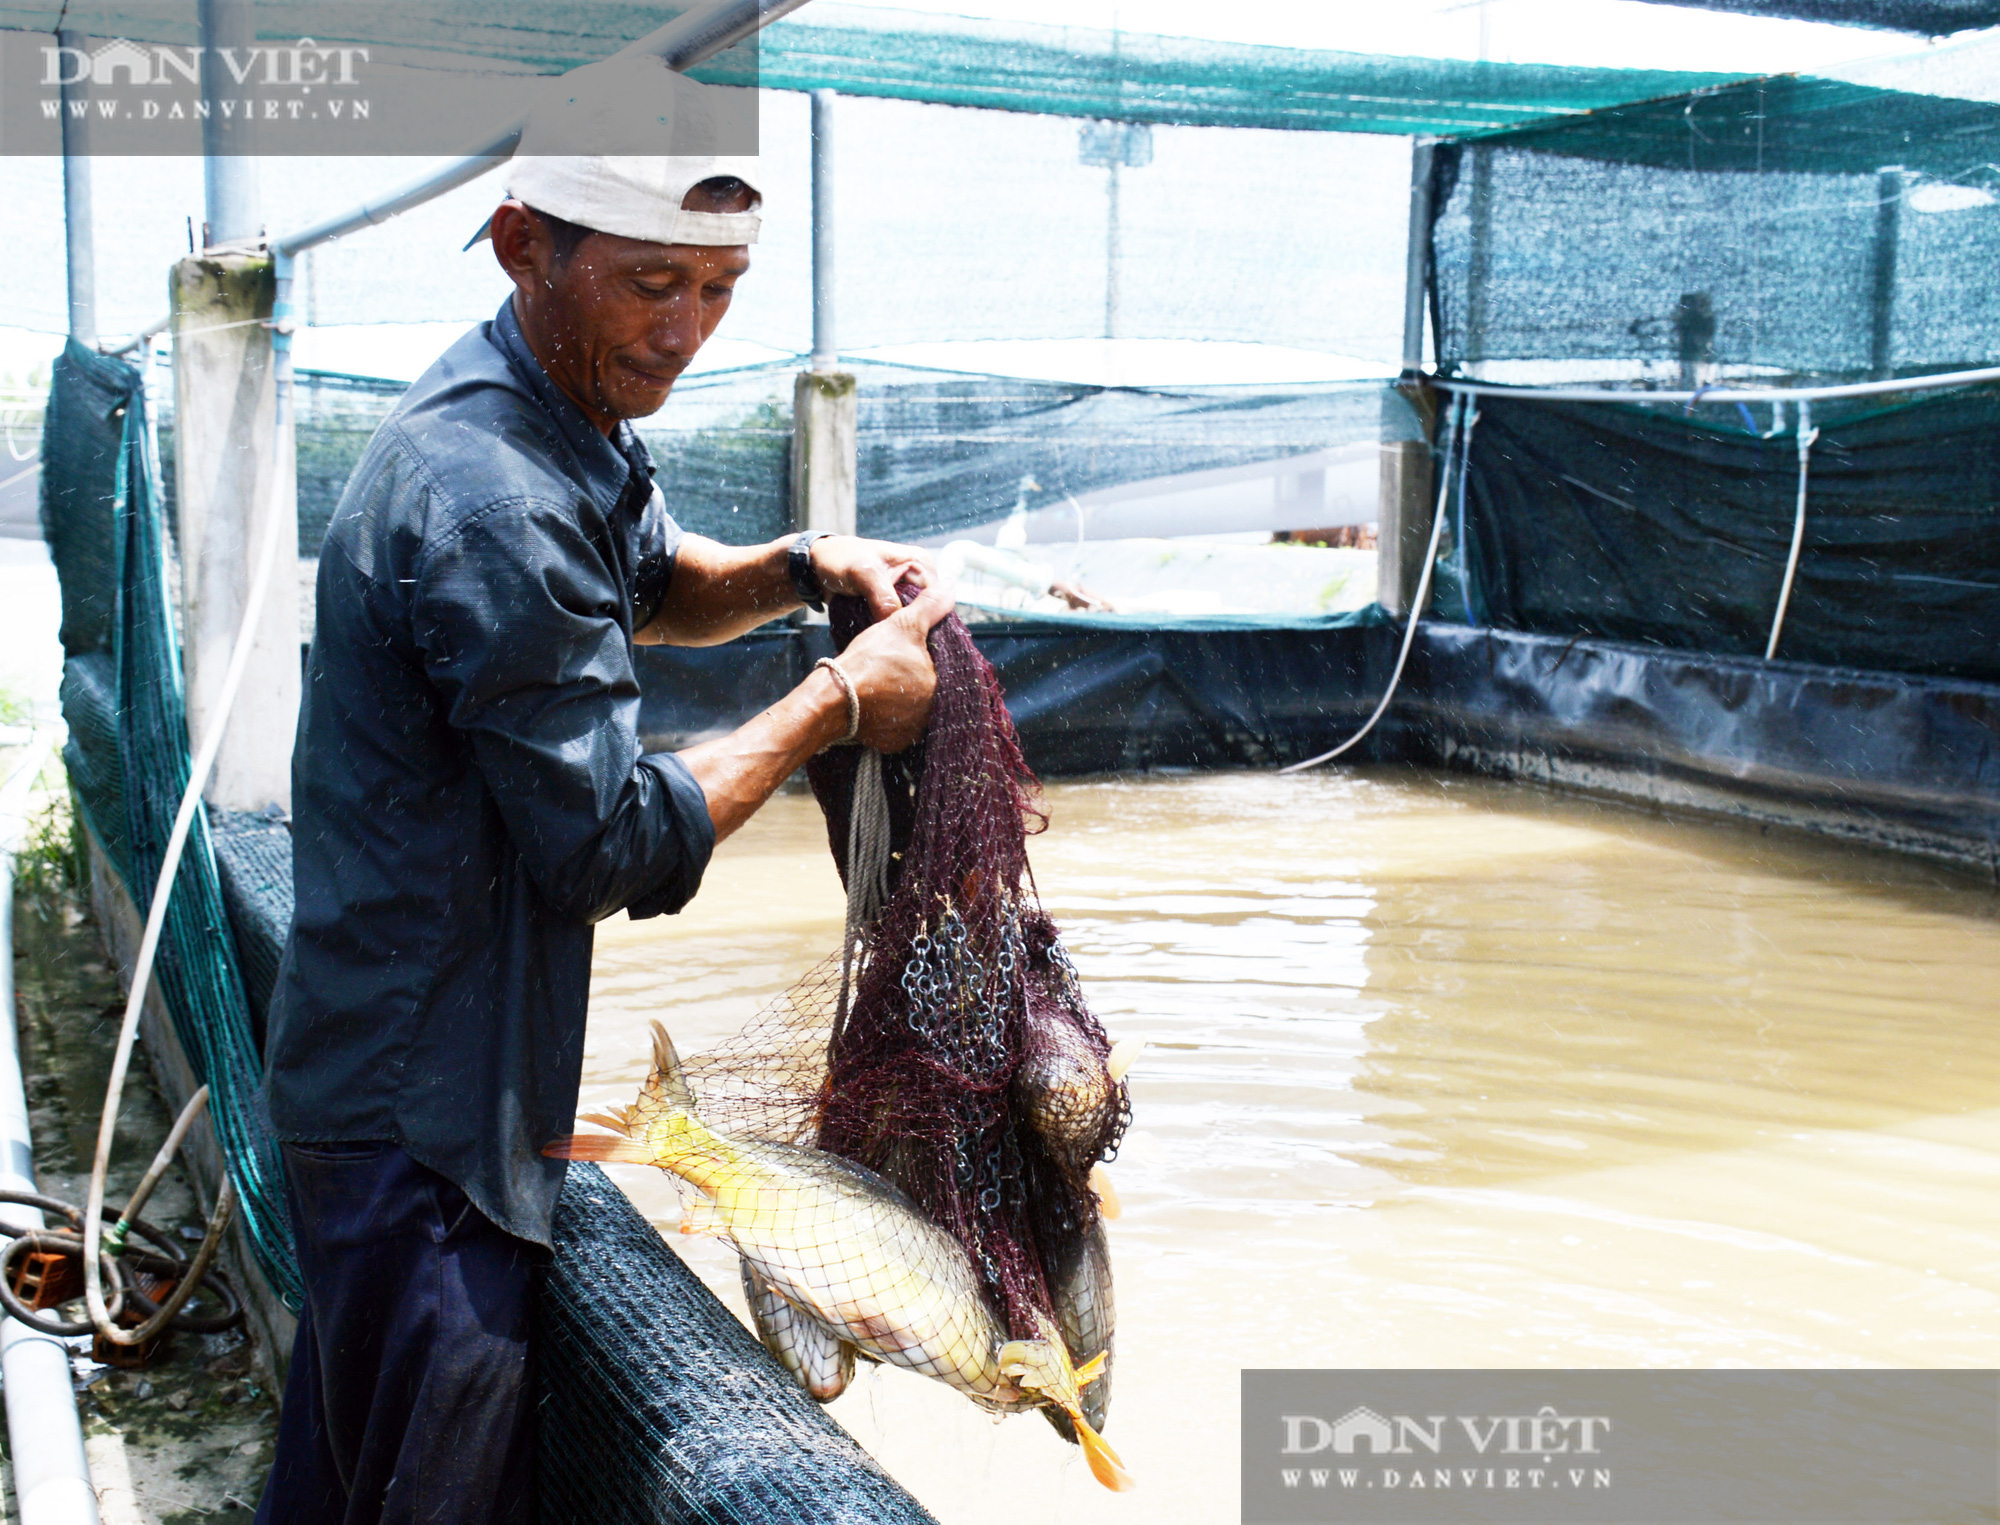 Bạc Liêu: Chàng kỹ sư bỏ công ty nước ngoài về làm nông dân nuôi 15 loài thủy sản - Ảnh 5.